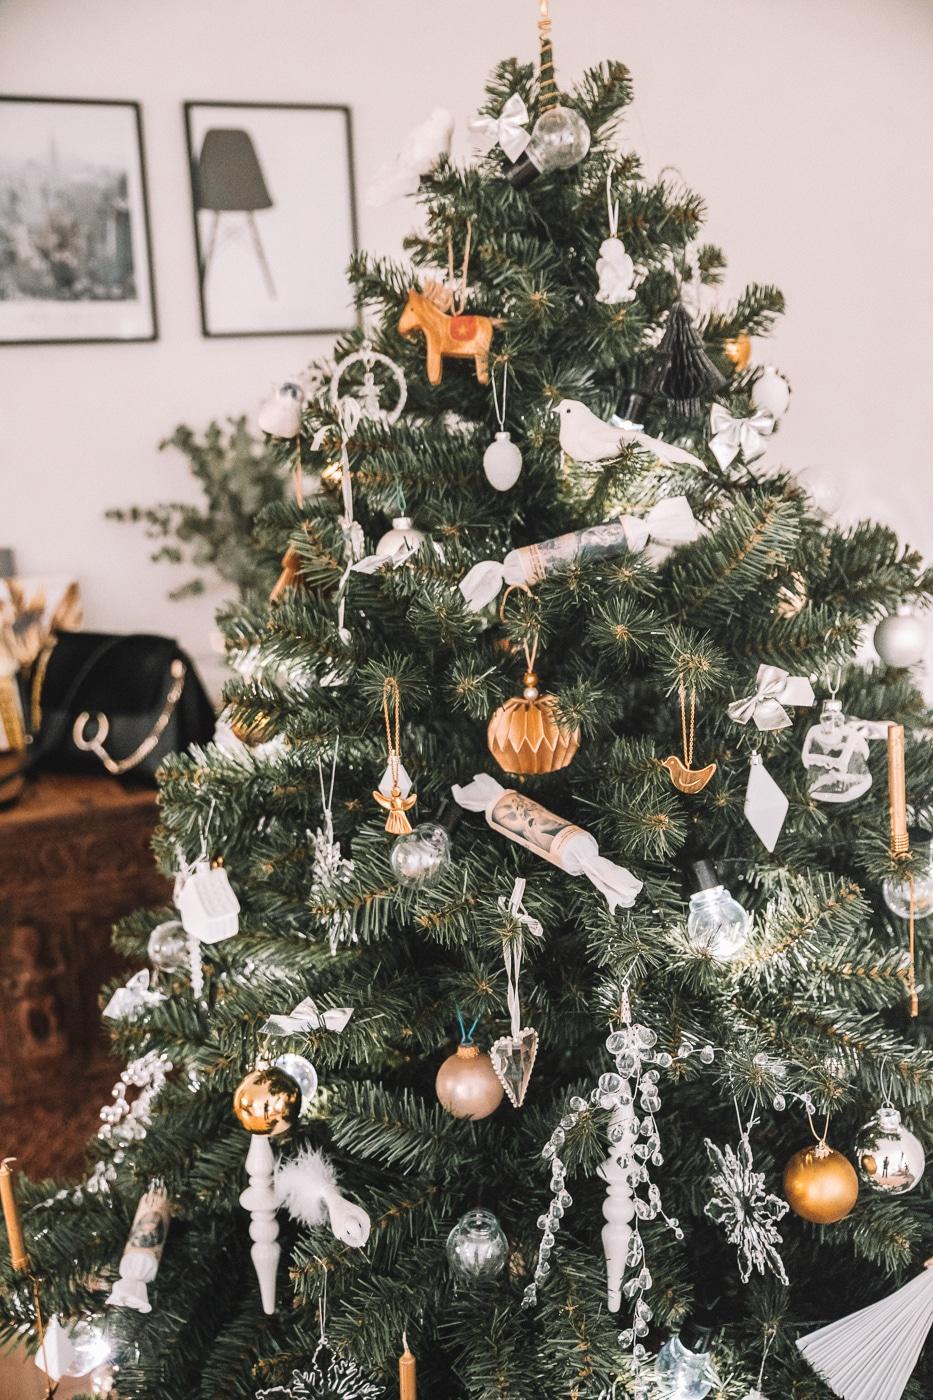 julepynt, inspiration til adventskrans, jul, juletræ